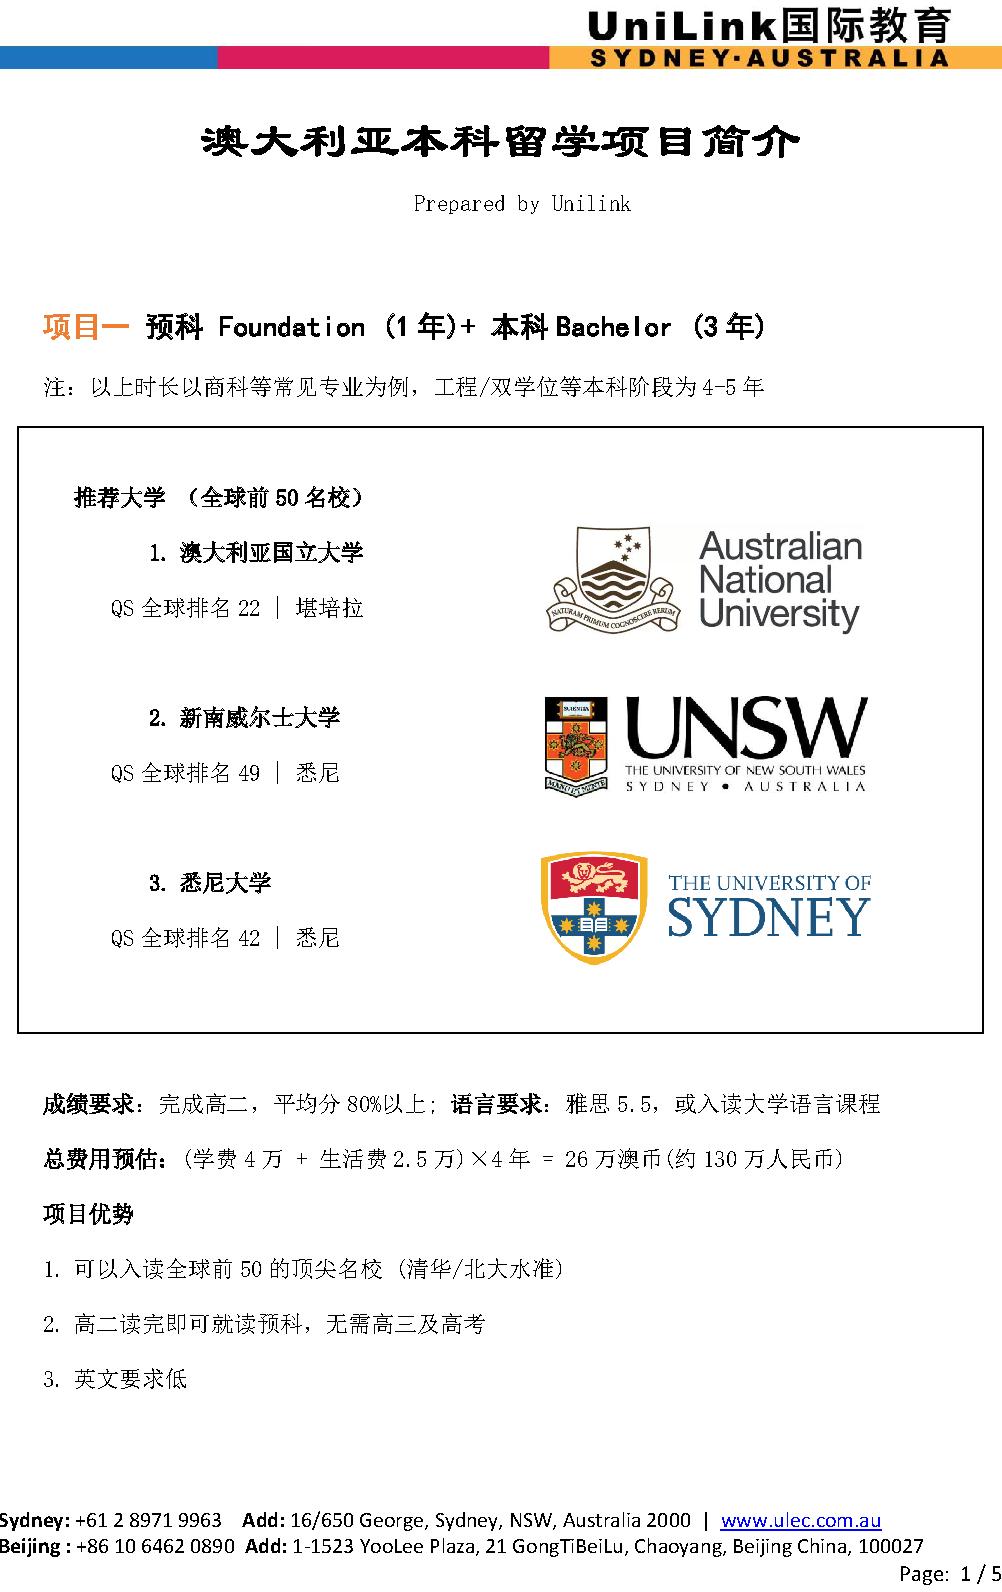 澳大利亚本科留学项目简介_Page_1